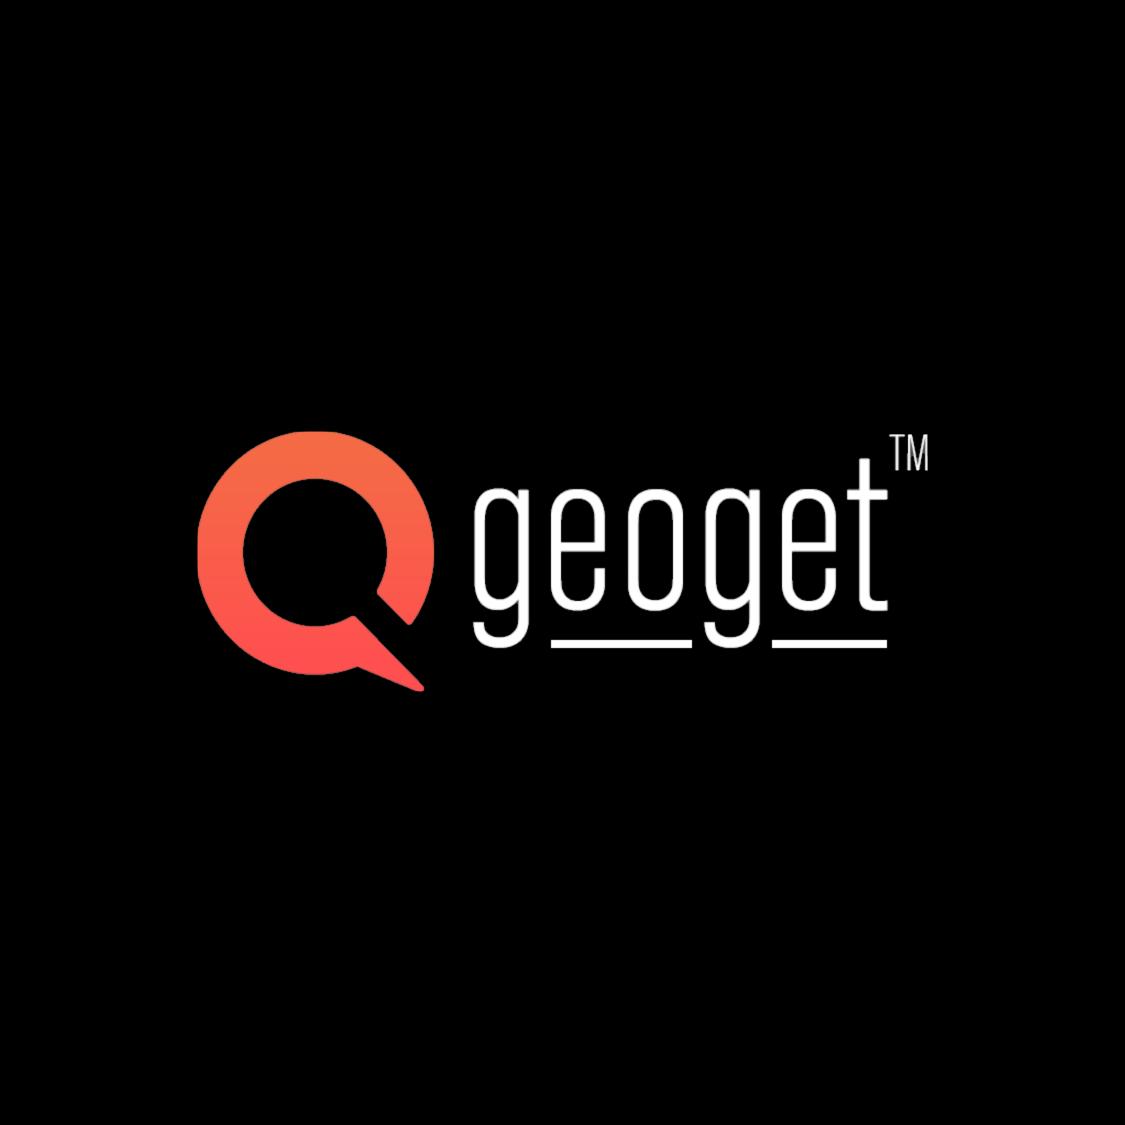 GeoGet